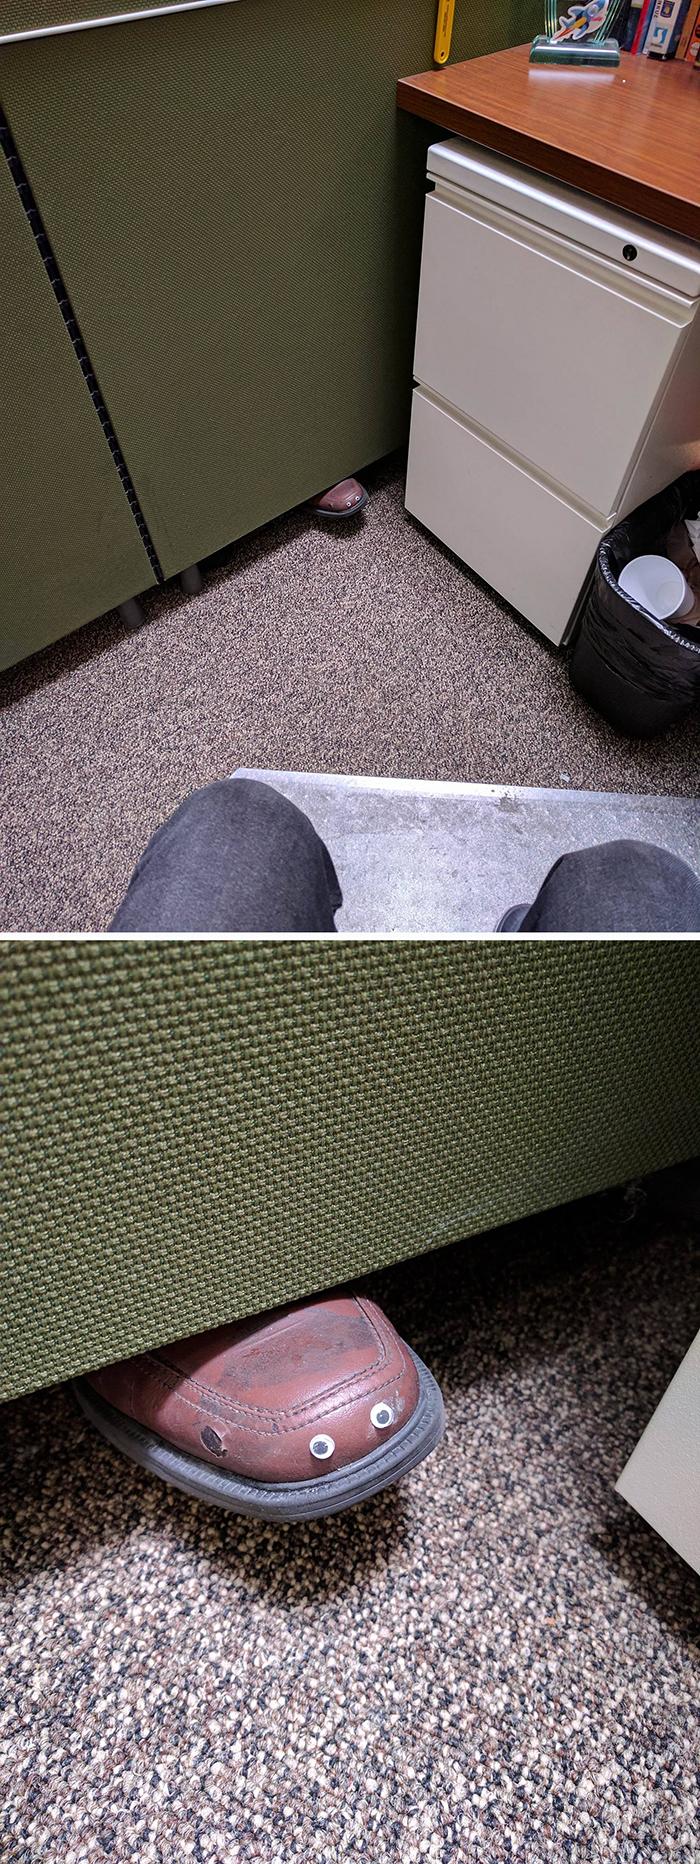 coworker shoe googly eyes